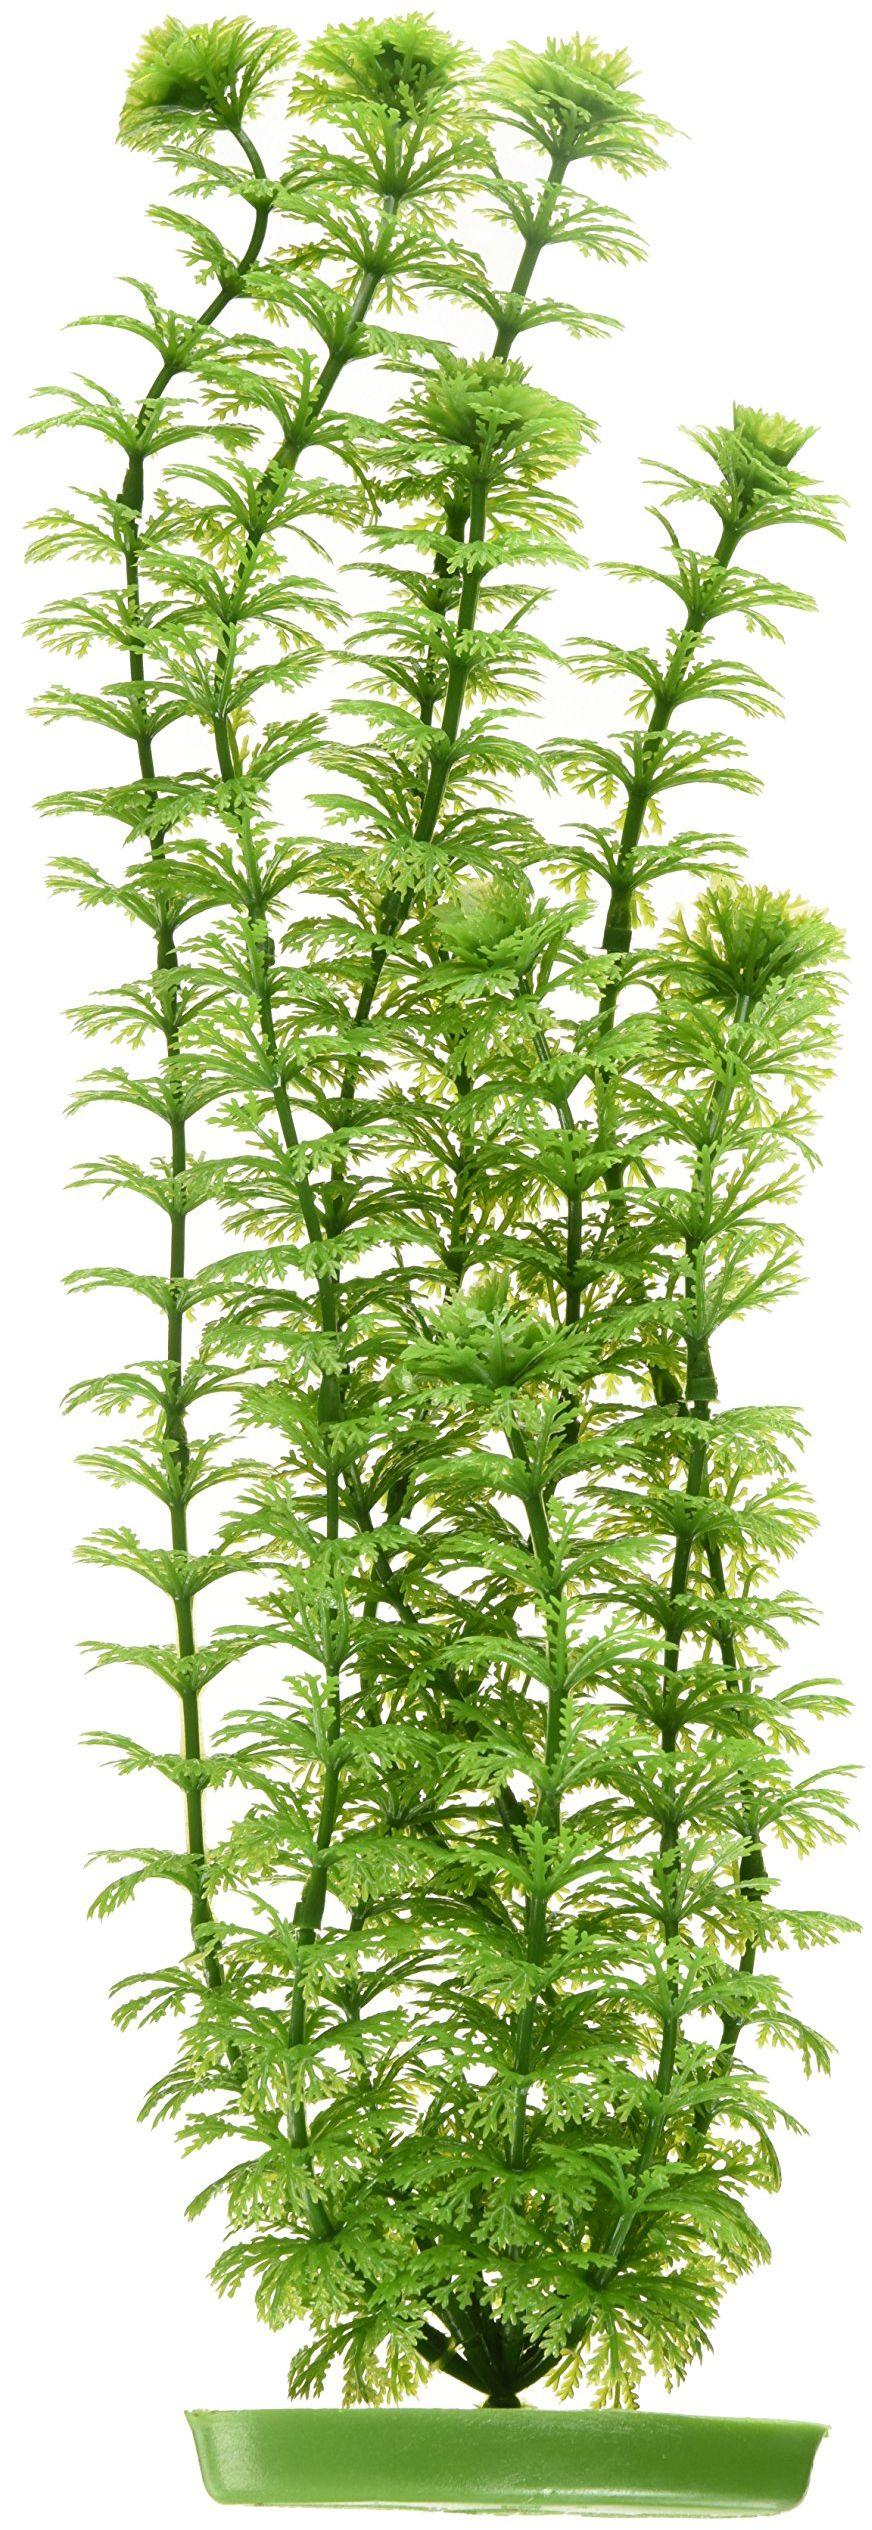 Marina Plastikowa roślina z ambulią z tworzywa sztucznego, 37,5 cm